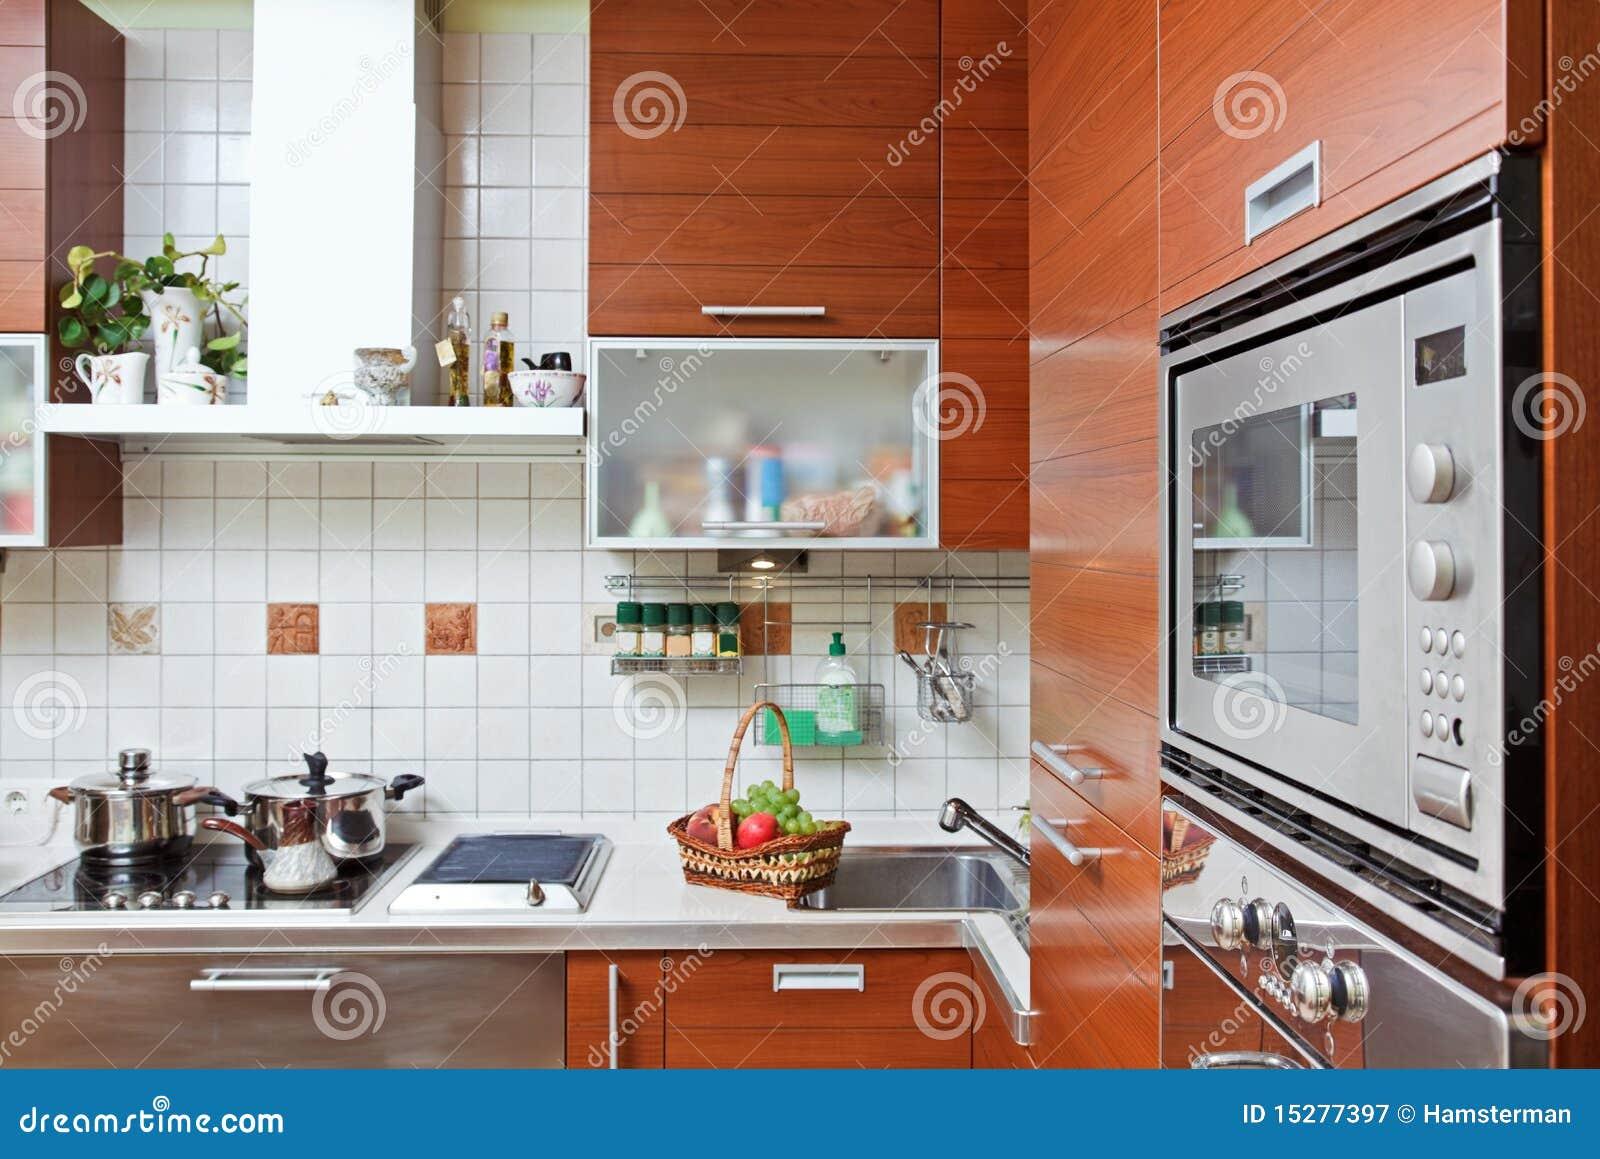 Meuble Cuisine Four Et Micro Onde intérieur de cuisine avec la construction en four à micro